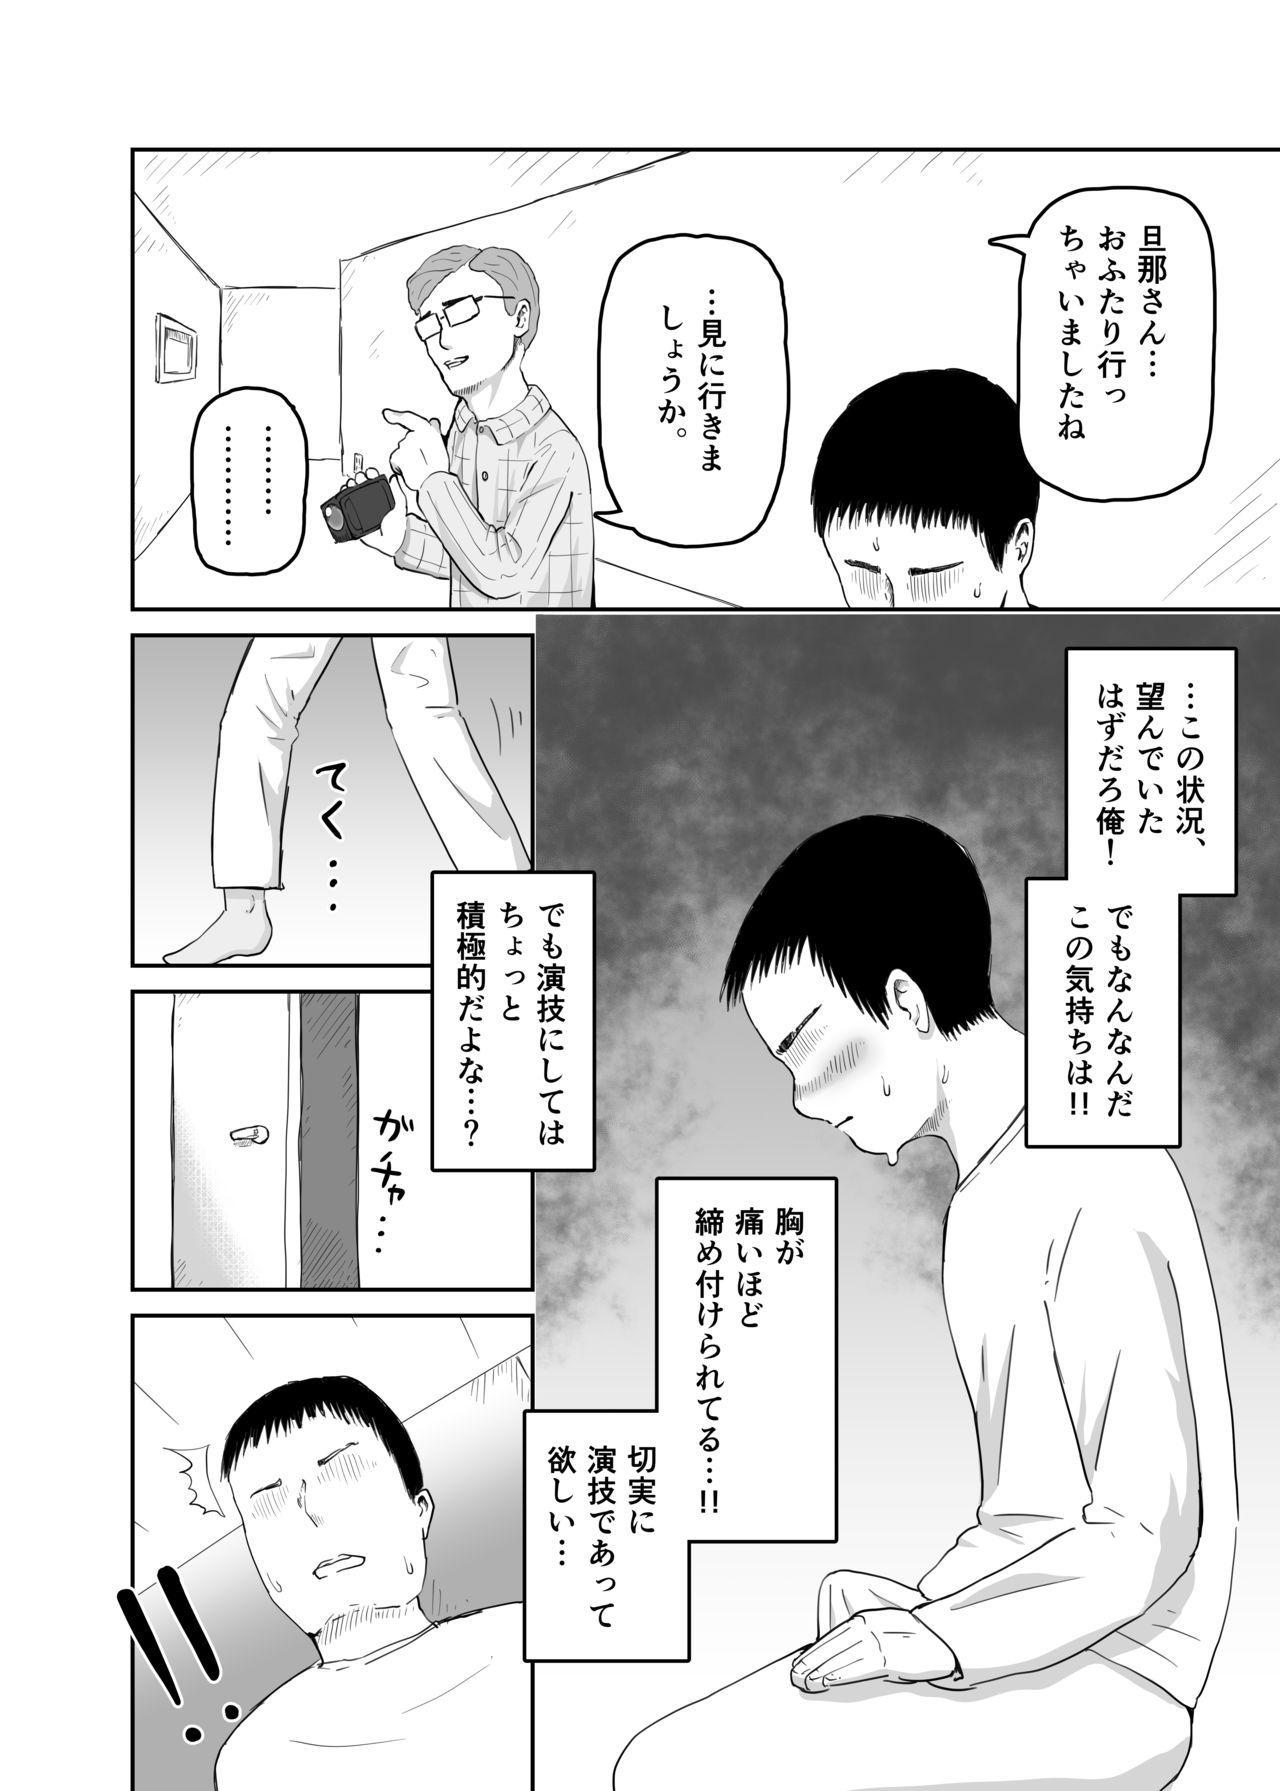 Tsuma o Yarichin ni Netorasete, Kairaku Ochi. 20